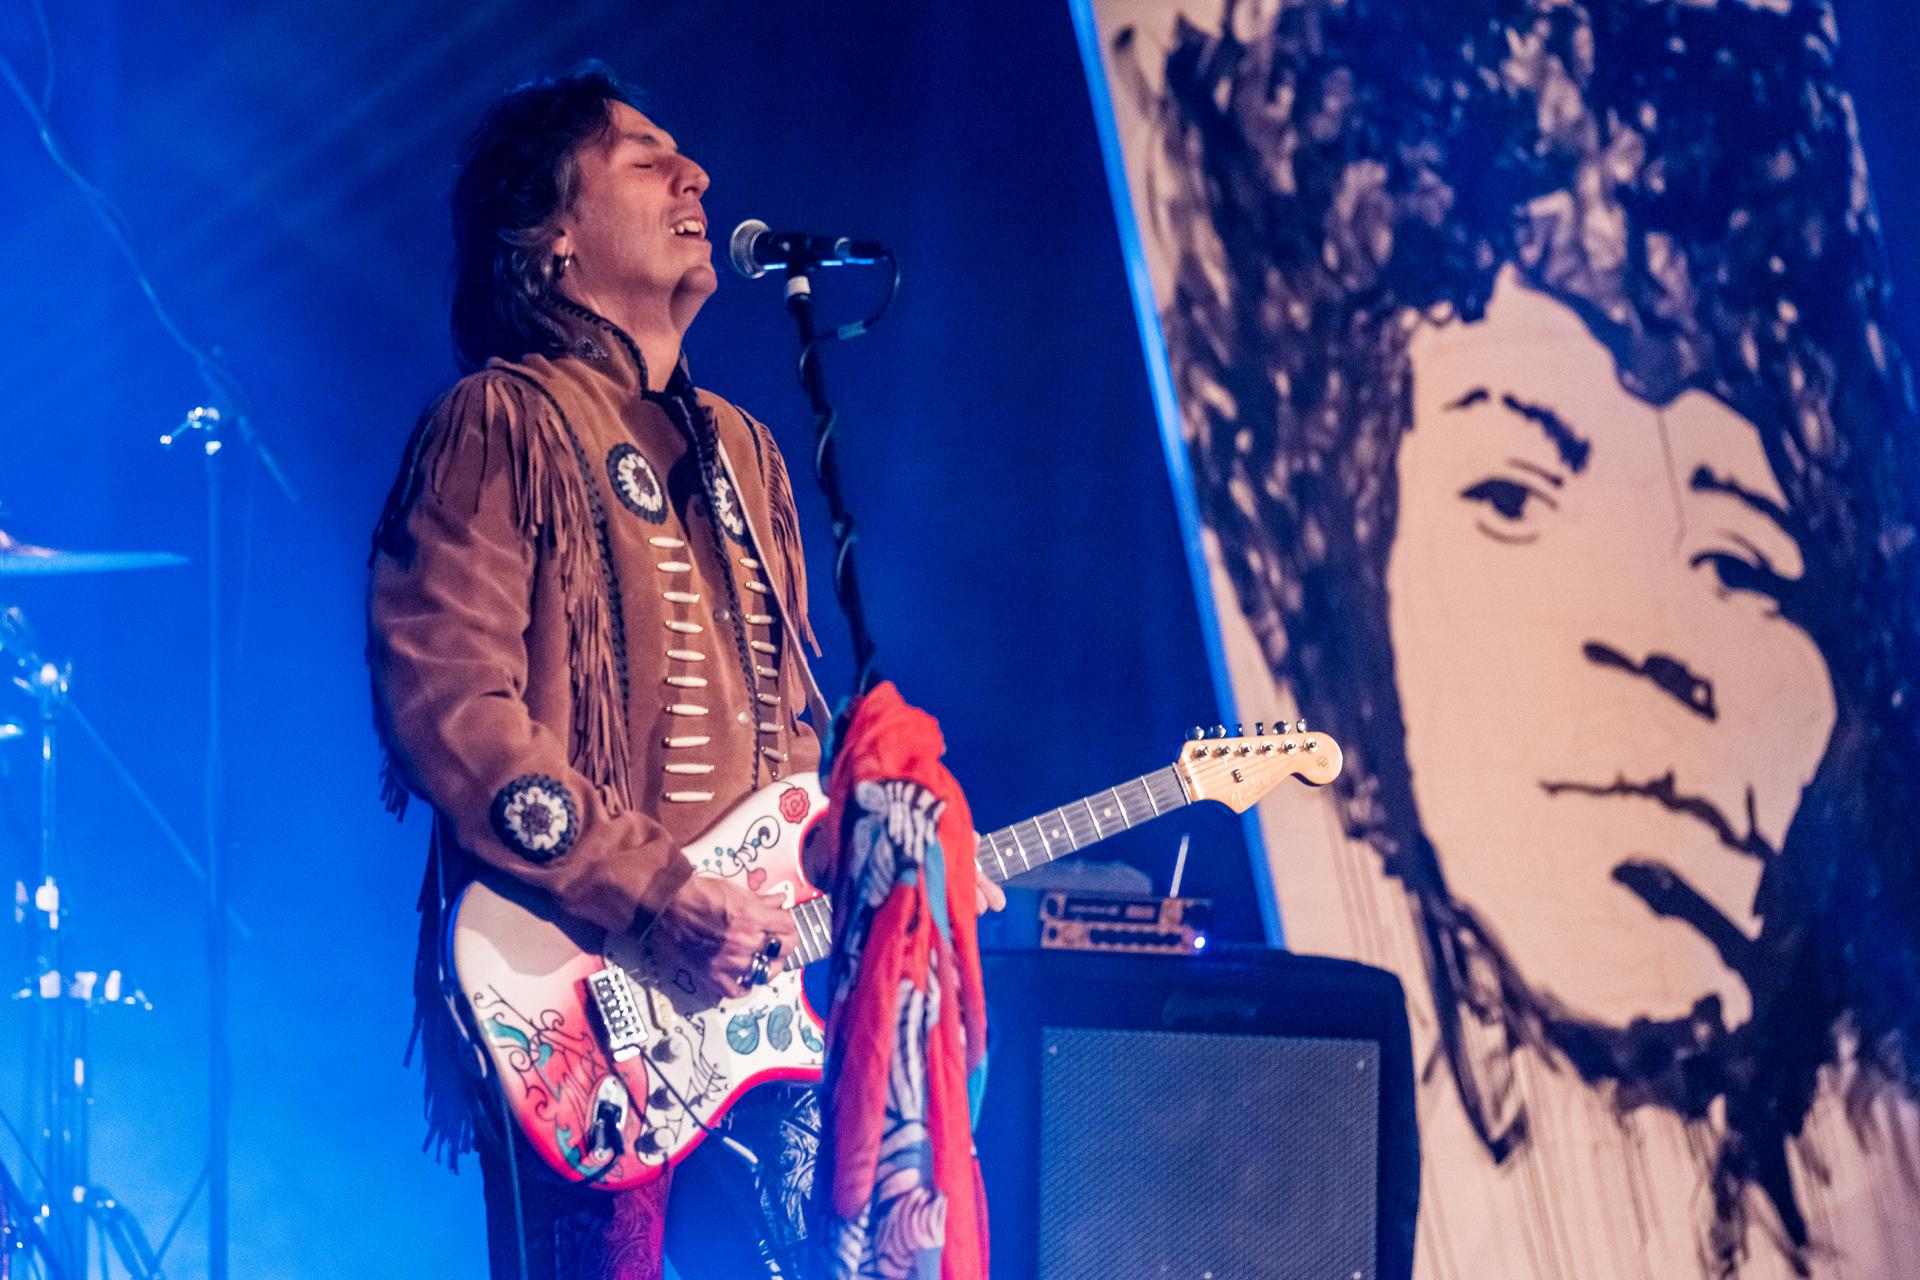 2020_01_15-we4show-Hendrix-©-Luca-Vantusso-211150-GFXS2639